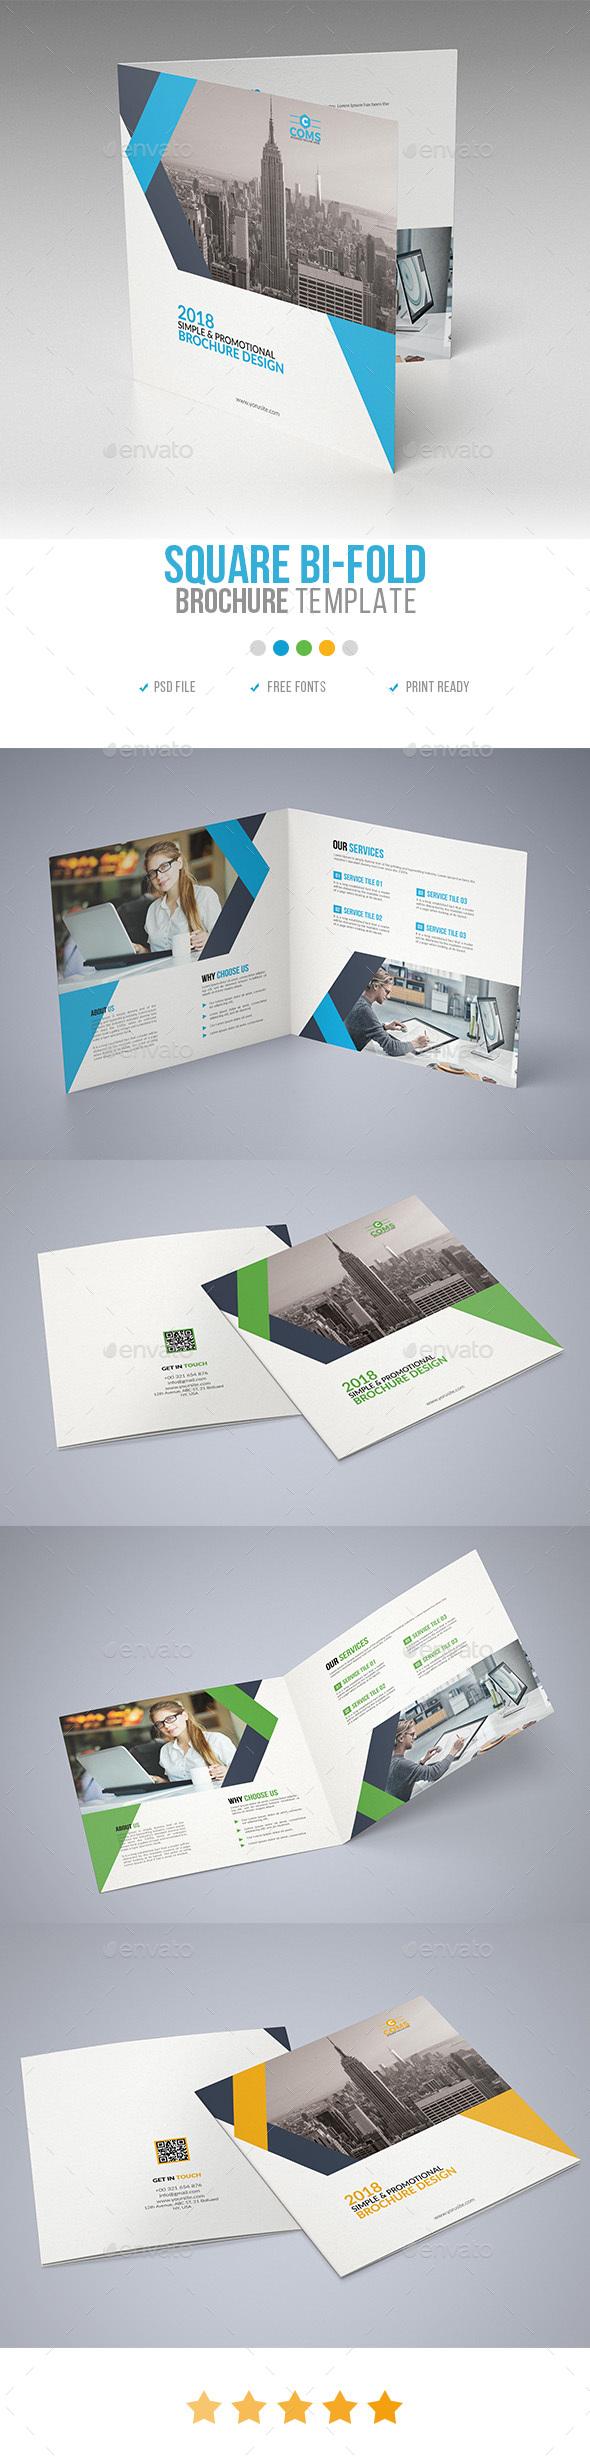 Corporate Square Bi Fold Brochure 05 - Corporate Brochures